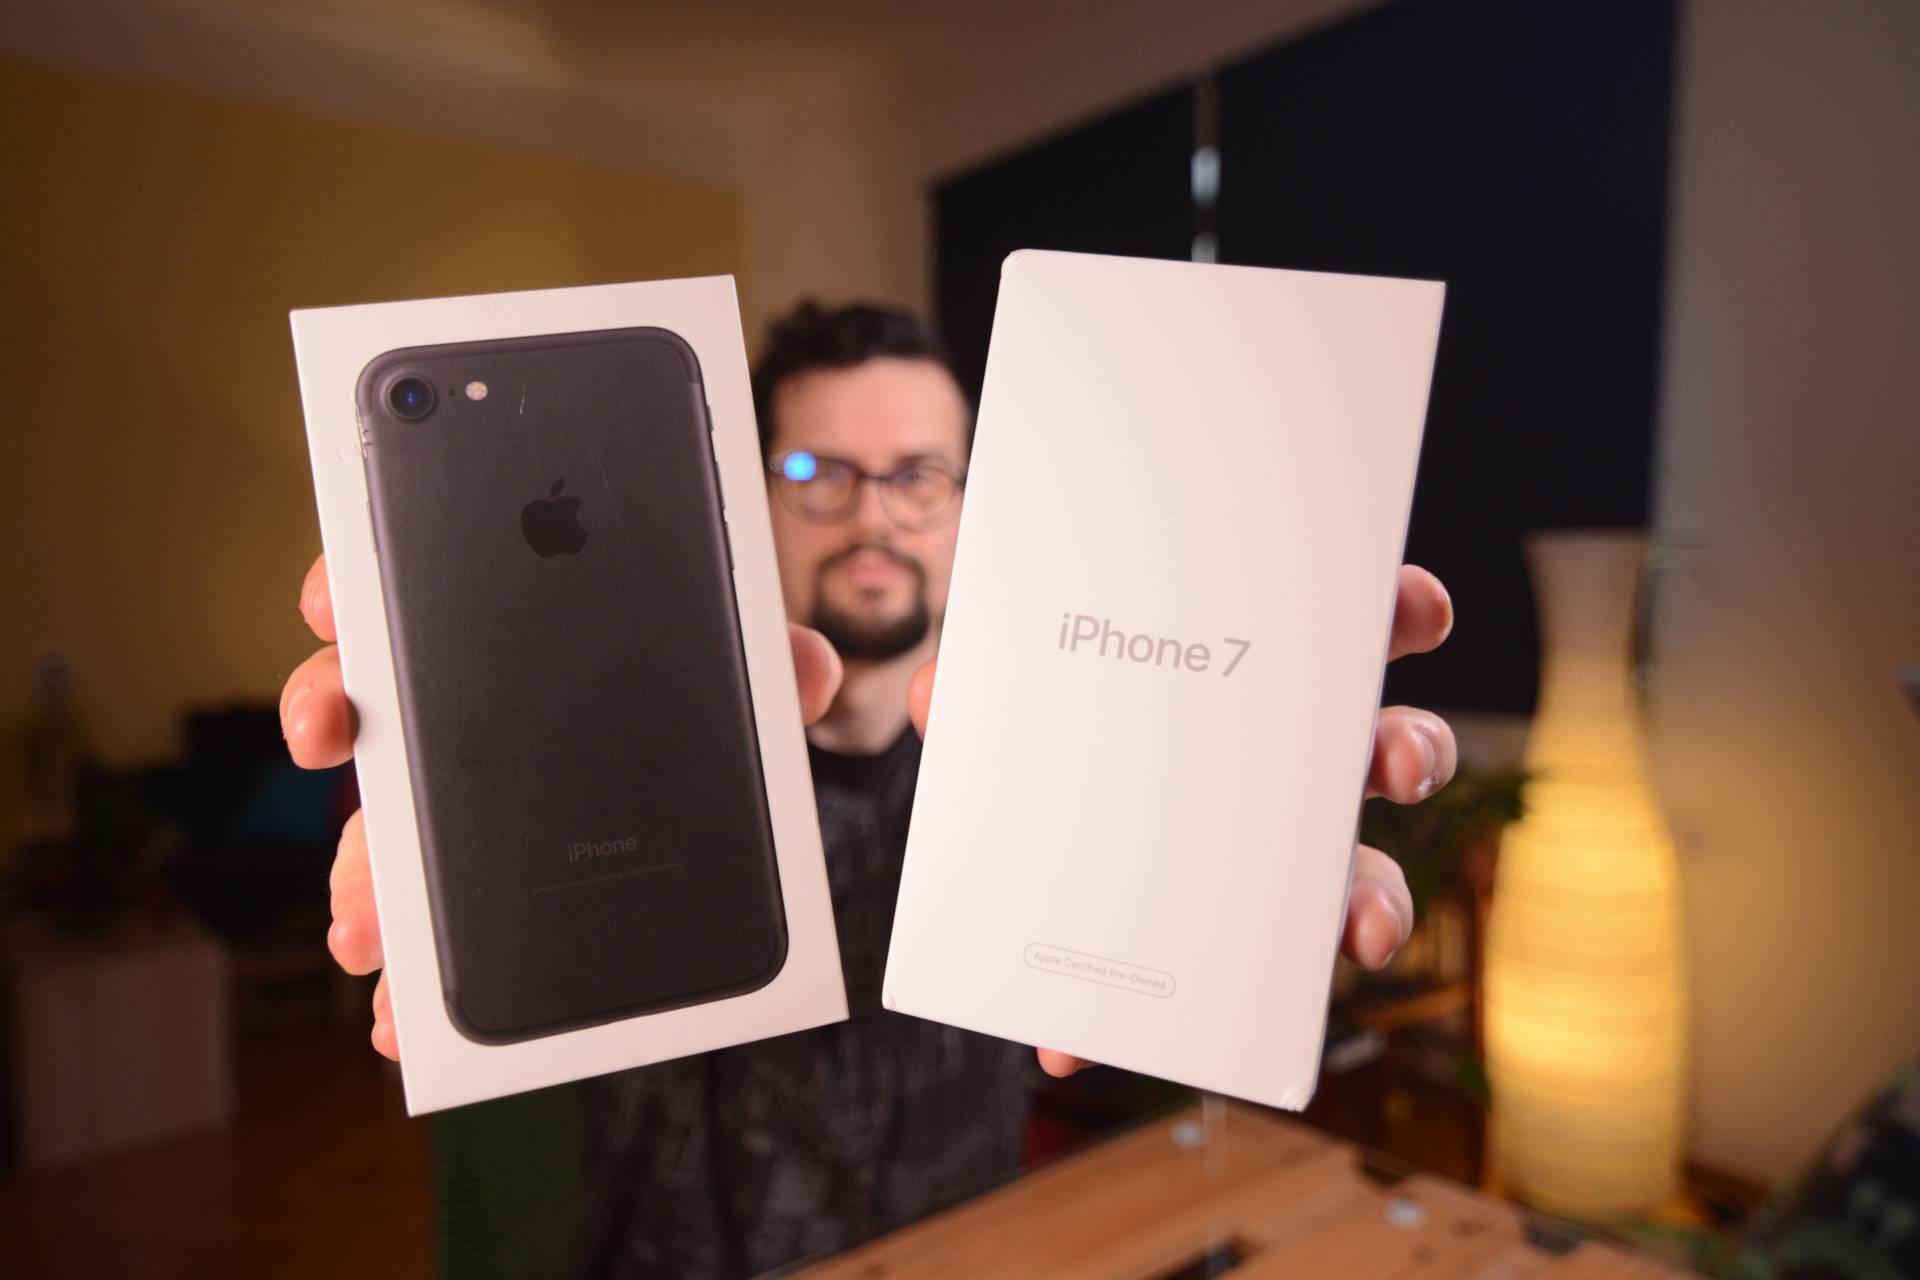 Refubished od Apple alebo originál? Porovnali sme to v novom videu s iPhonom 7